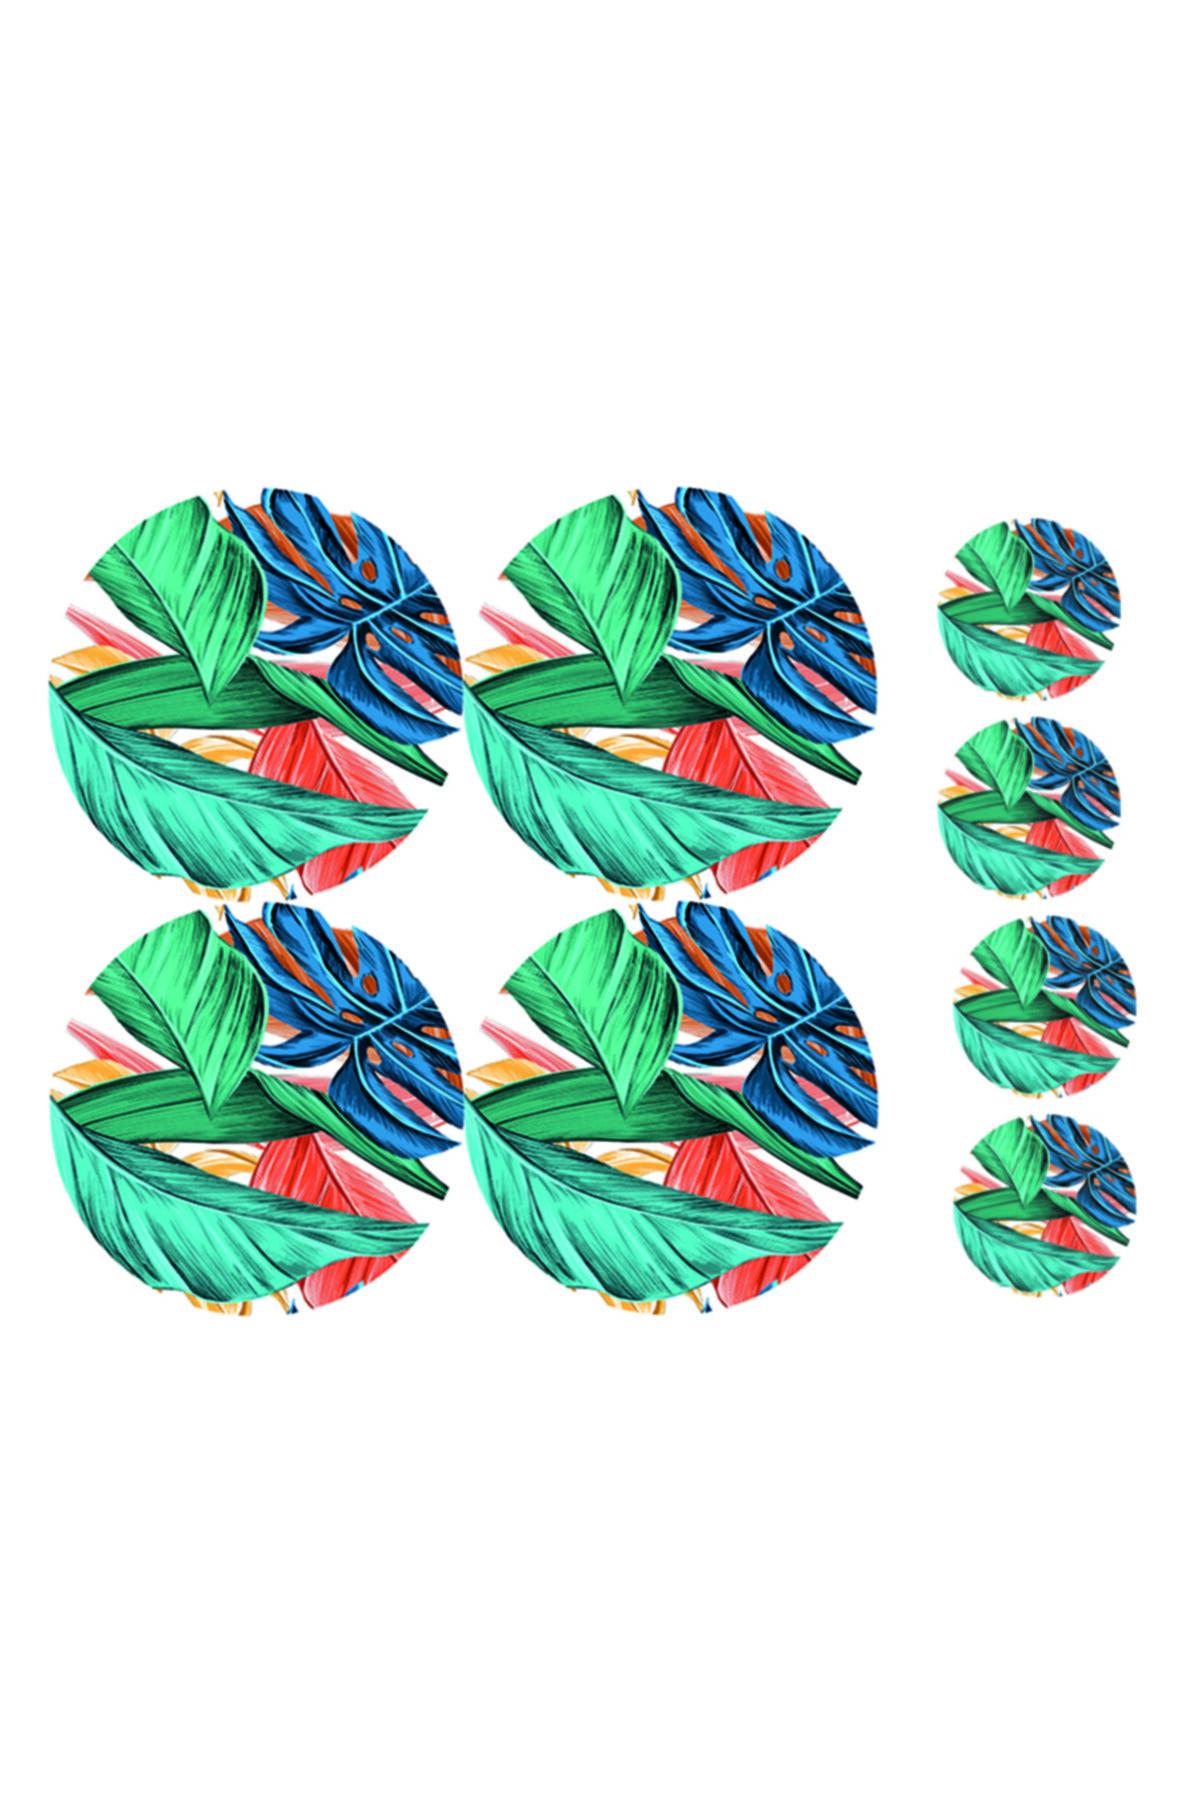 ELF Desıgn Tropik Yaprak Desenli Amerikan Servisi 4 Lü Set Supla (4 ADET ÇAY TABAK ALTLIĞI) 2